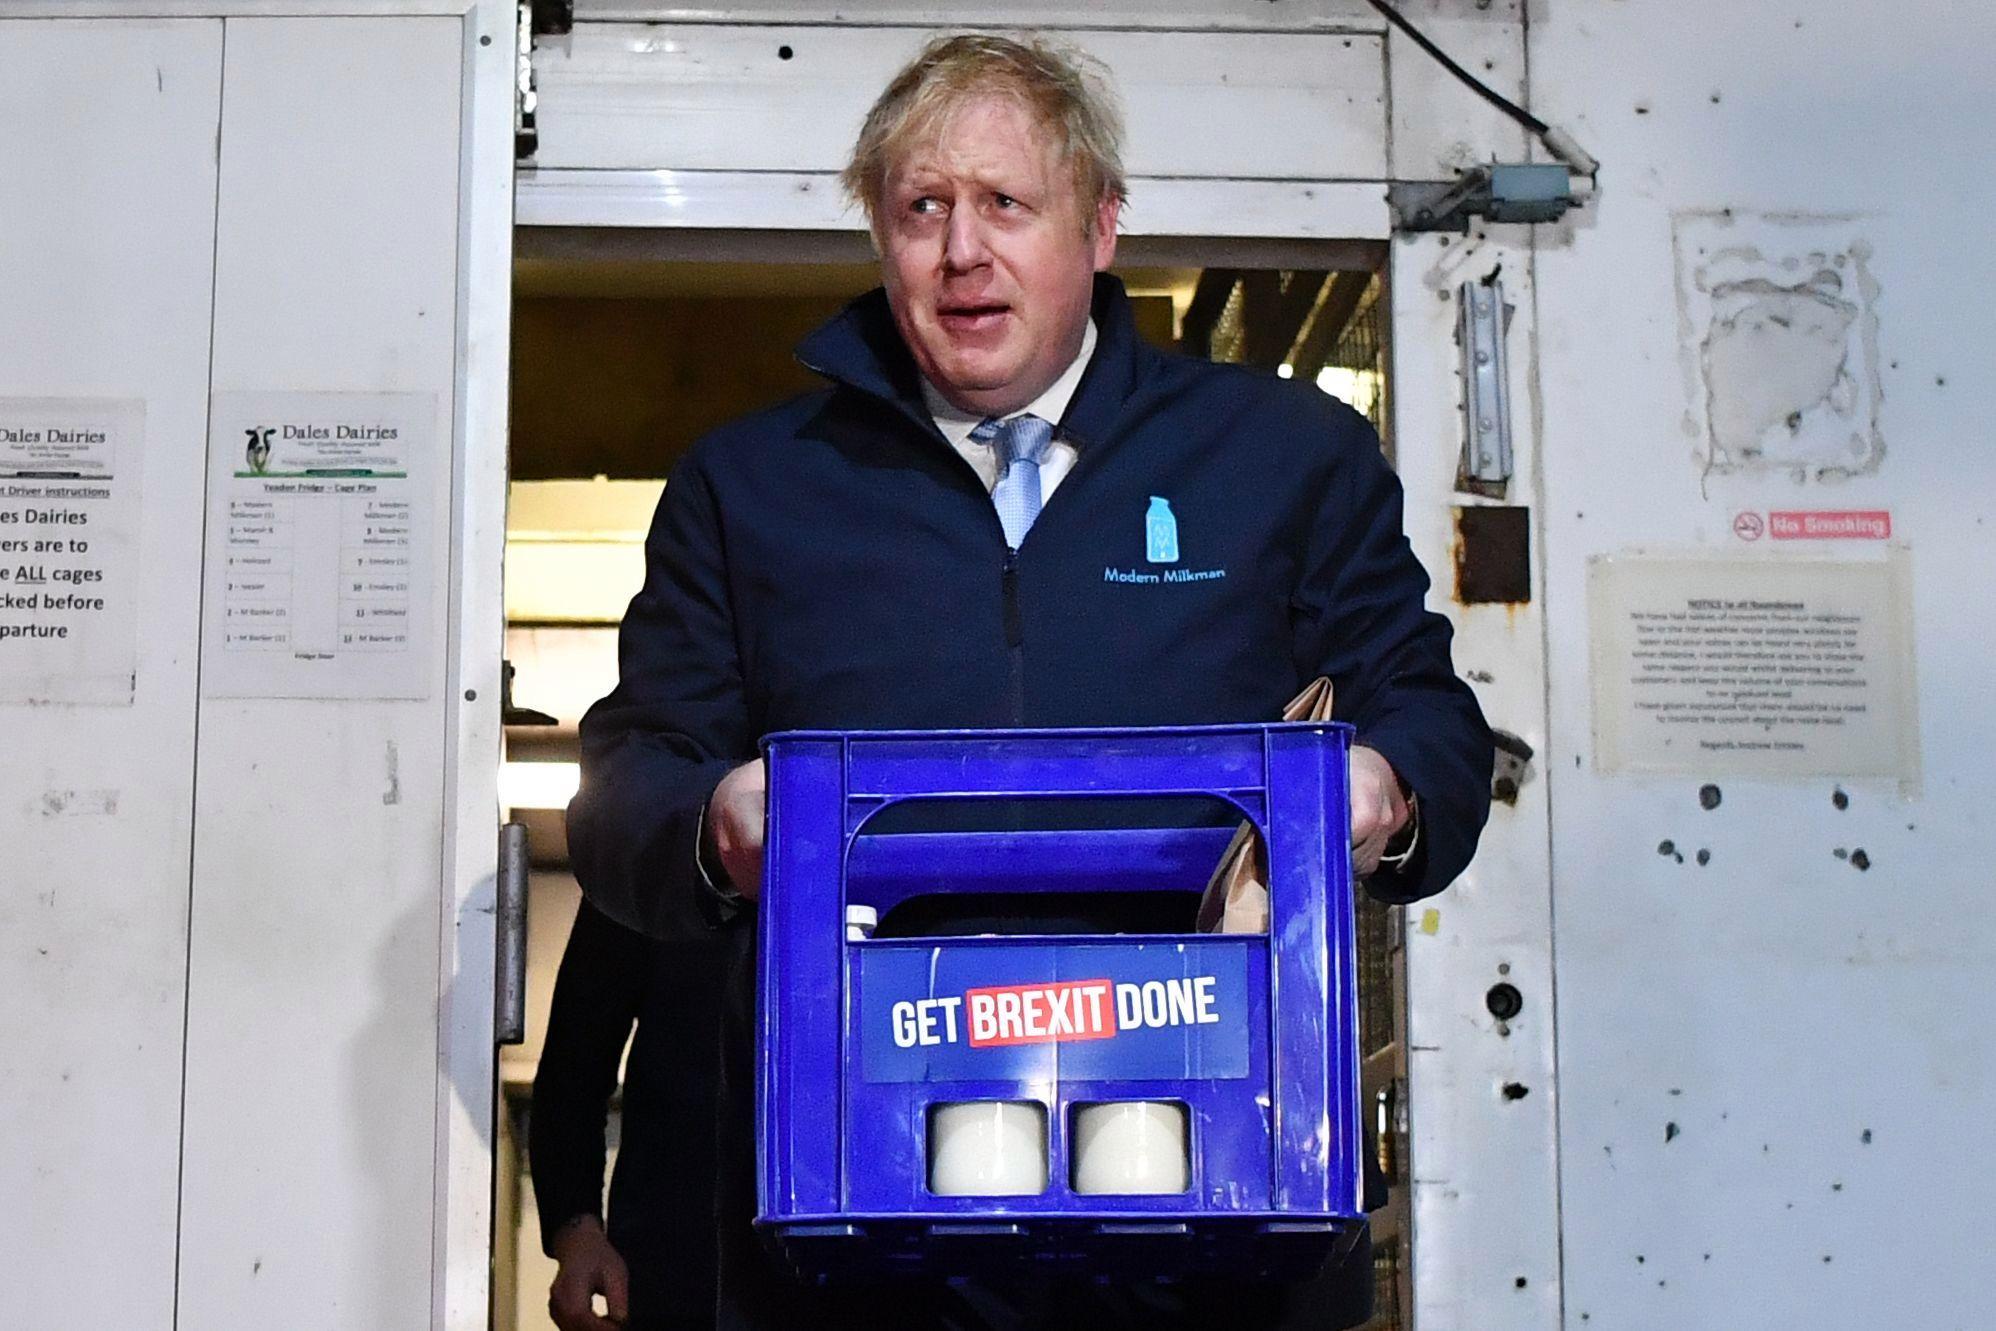 为拉选票拼了!英国首相约翰逊当起